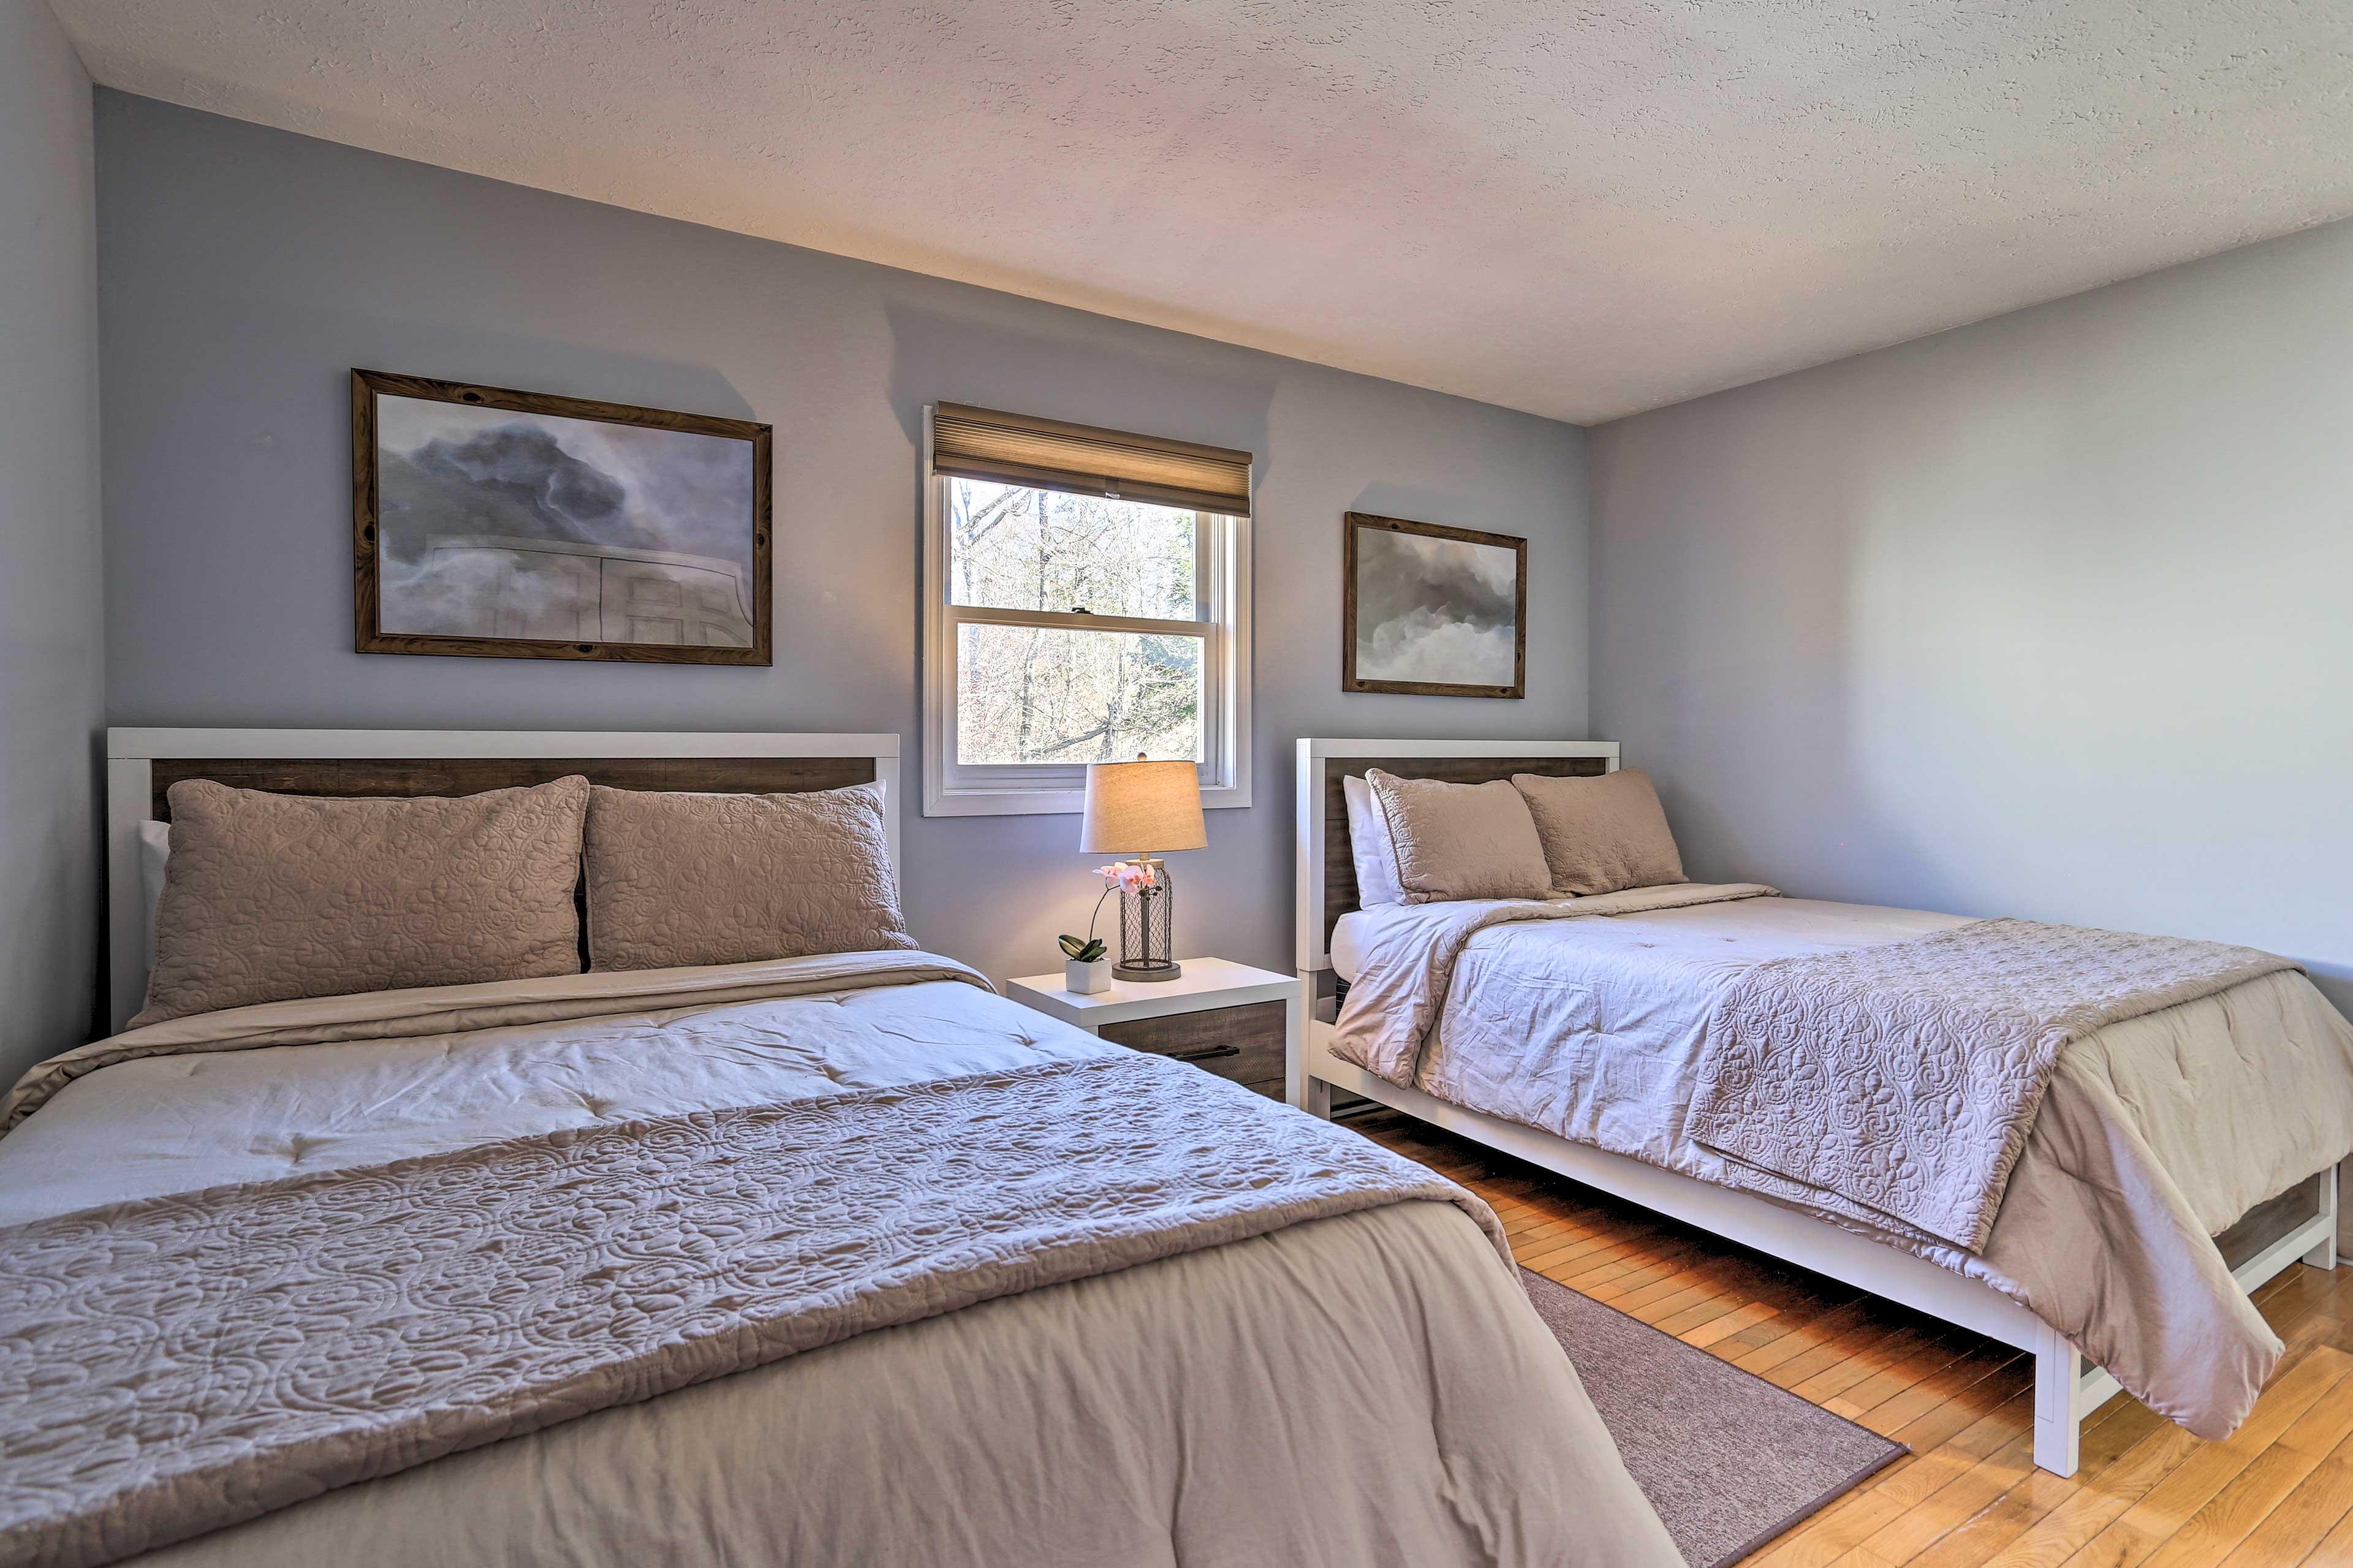 Bedroom 2 | 2nd Floor | 2 Full Beds